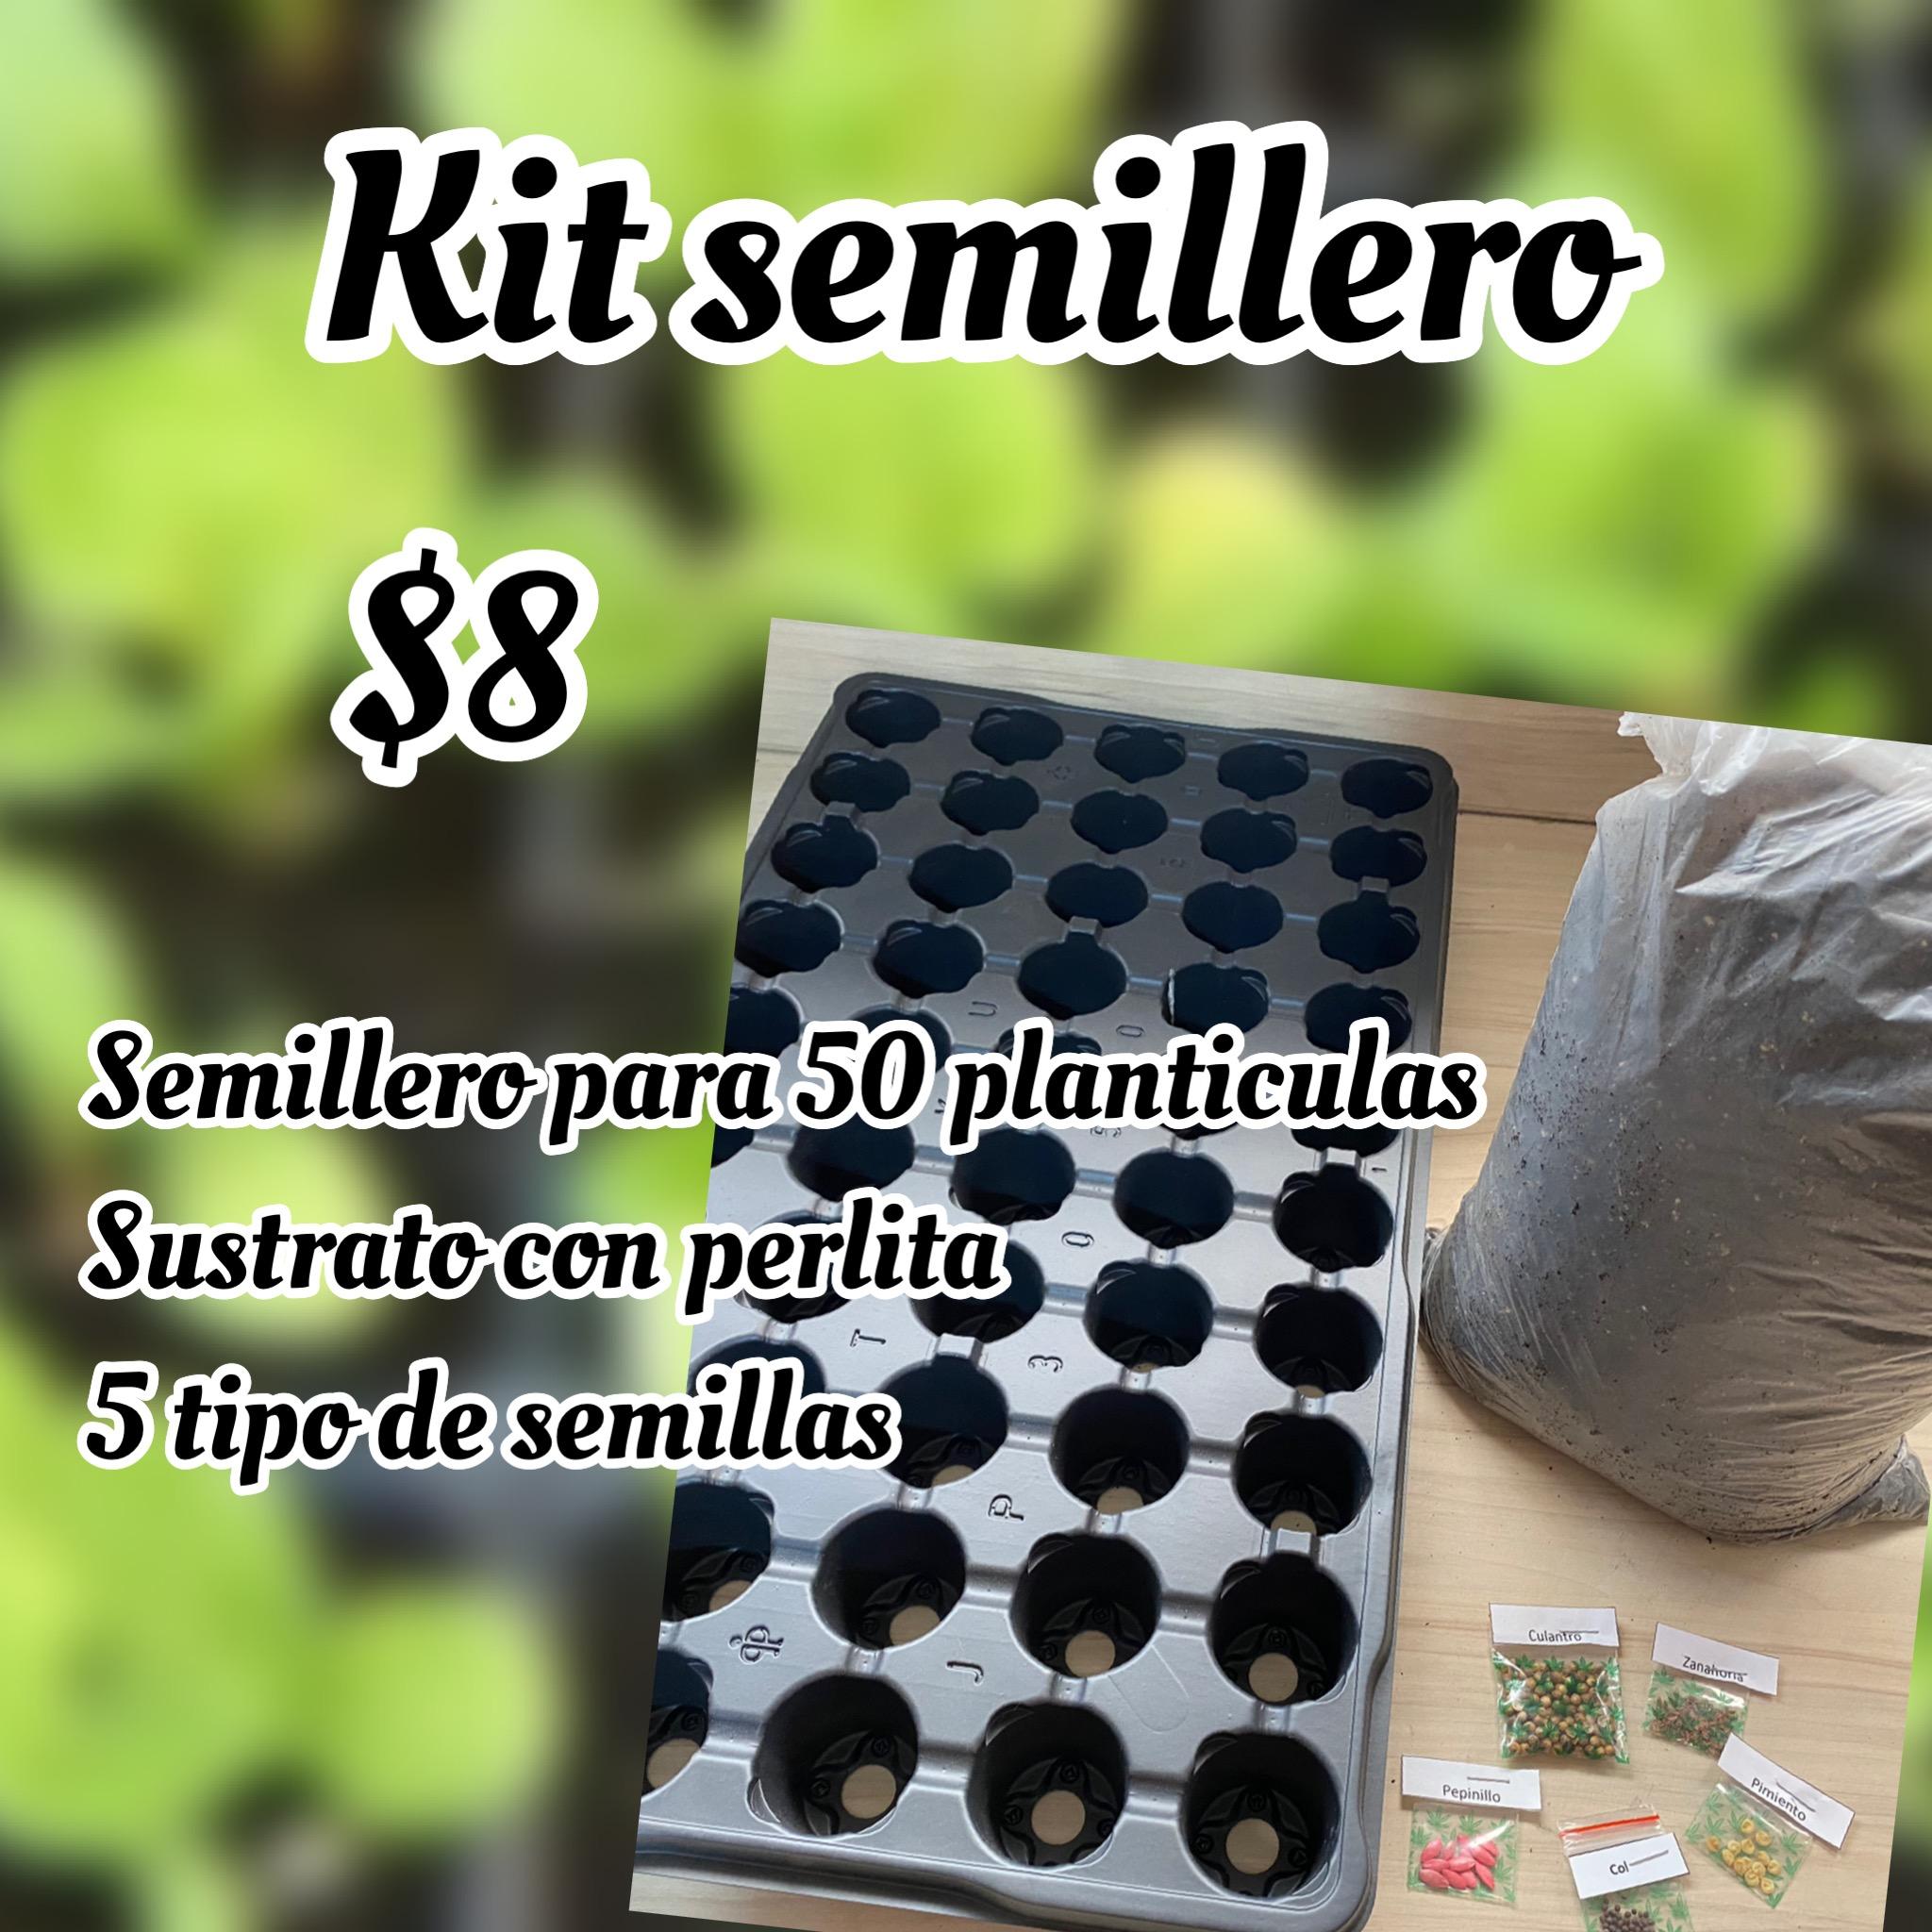 Kit semillero